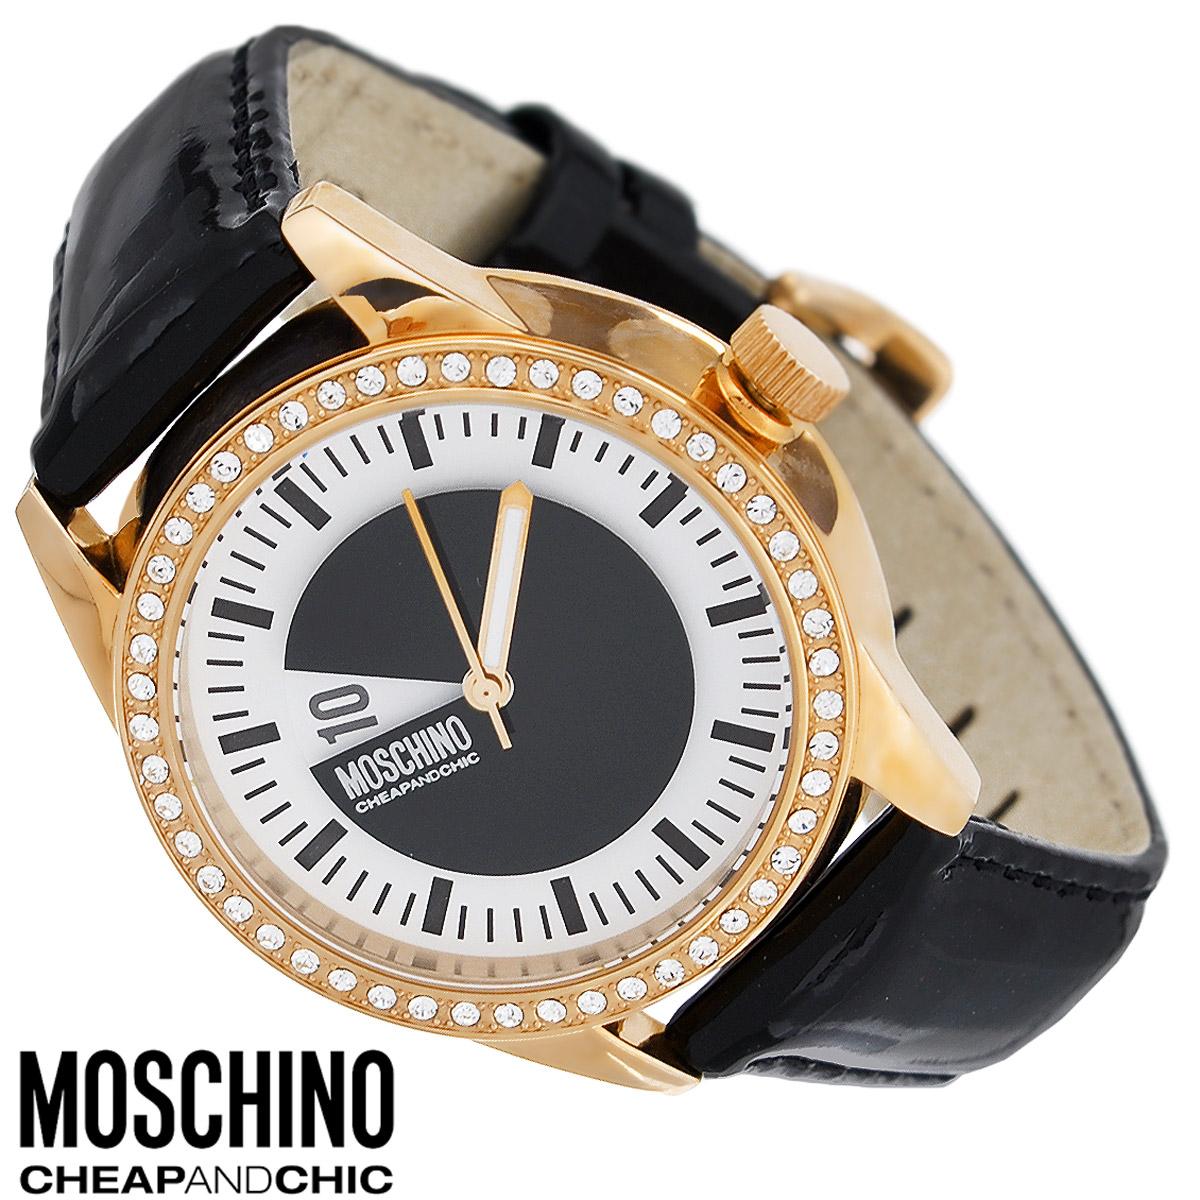 Часы женские наручные Moschino, цвет: черный, золотой. MW0338MW0338Наручные часы от известного итальянского бренда Moschino - это не только стильный и функциональный аксессуар, но и современные технологи, сочетающиеся с экстравагантным дизайном и индивидуальностью. Часы Moschino лаконичного дизайна оснащены кварцевым механизмом. Корпус выполнен из высококачественной нержавеющей стали и по контуру циферблата оформлен стразами. Циферблат с арабскими цифрами и отметками защищен минеральным стеклом. Часы имеют две стрелки - часовую и минутную. Ремешок часов выполнен из натуральной лаковой кожи и оснащен классической застежкой. Часы упакованы в фирменную металлическую коробку с логотипом бренда. Часы Moschino благодаря своему уникальному дизайну отличаются от часов других марок своеобразными циферблатами, функциональностью, а также набором уникальных технических свойств. Каждой модели присуща легкая экстравагантность, самобытность и, безусловно, великолепный вкус. Характеристики: Диаметр...